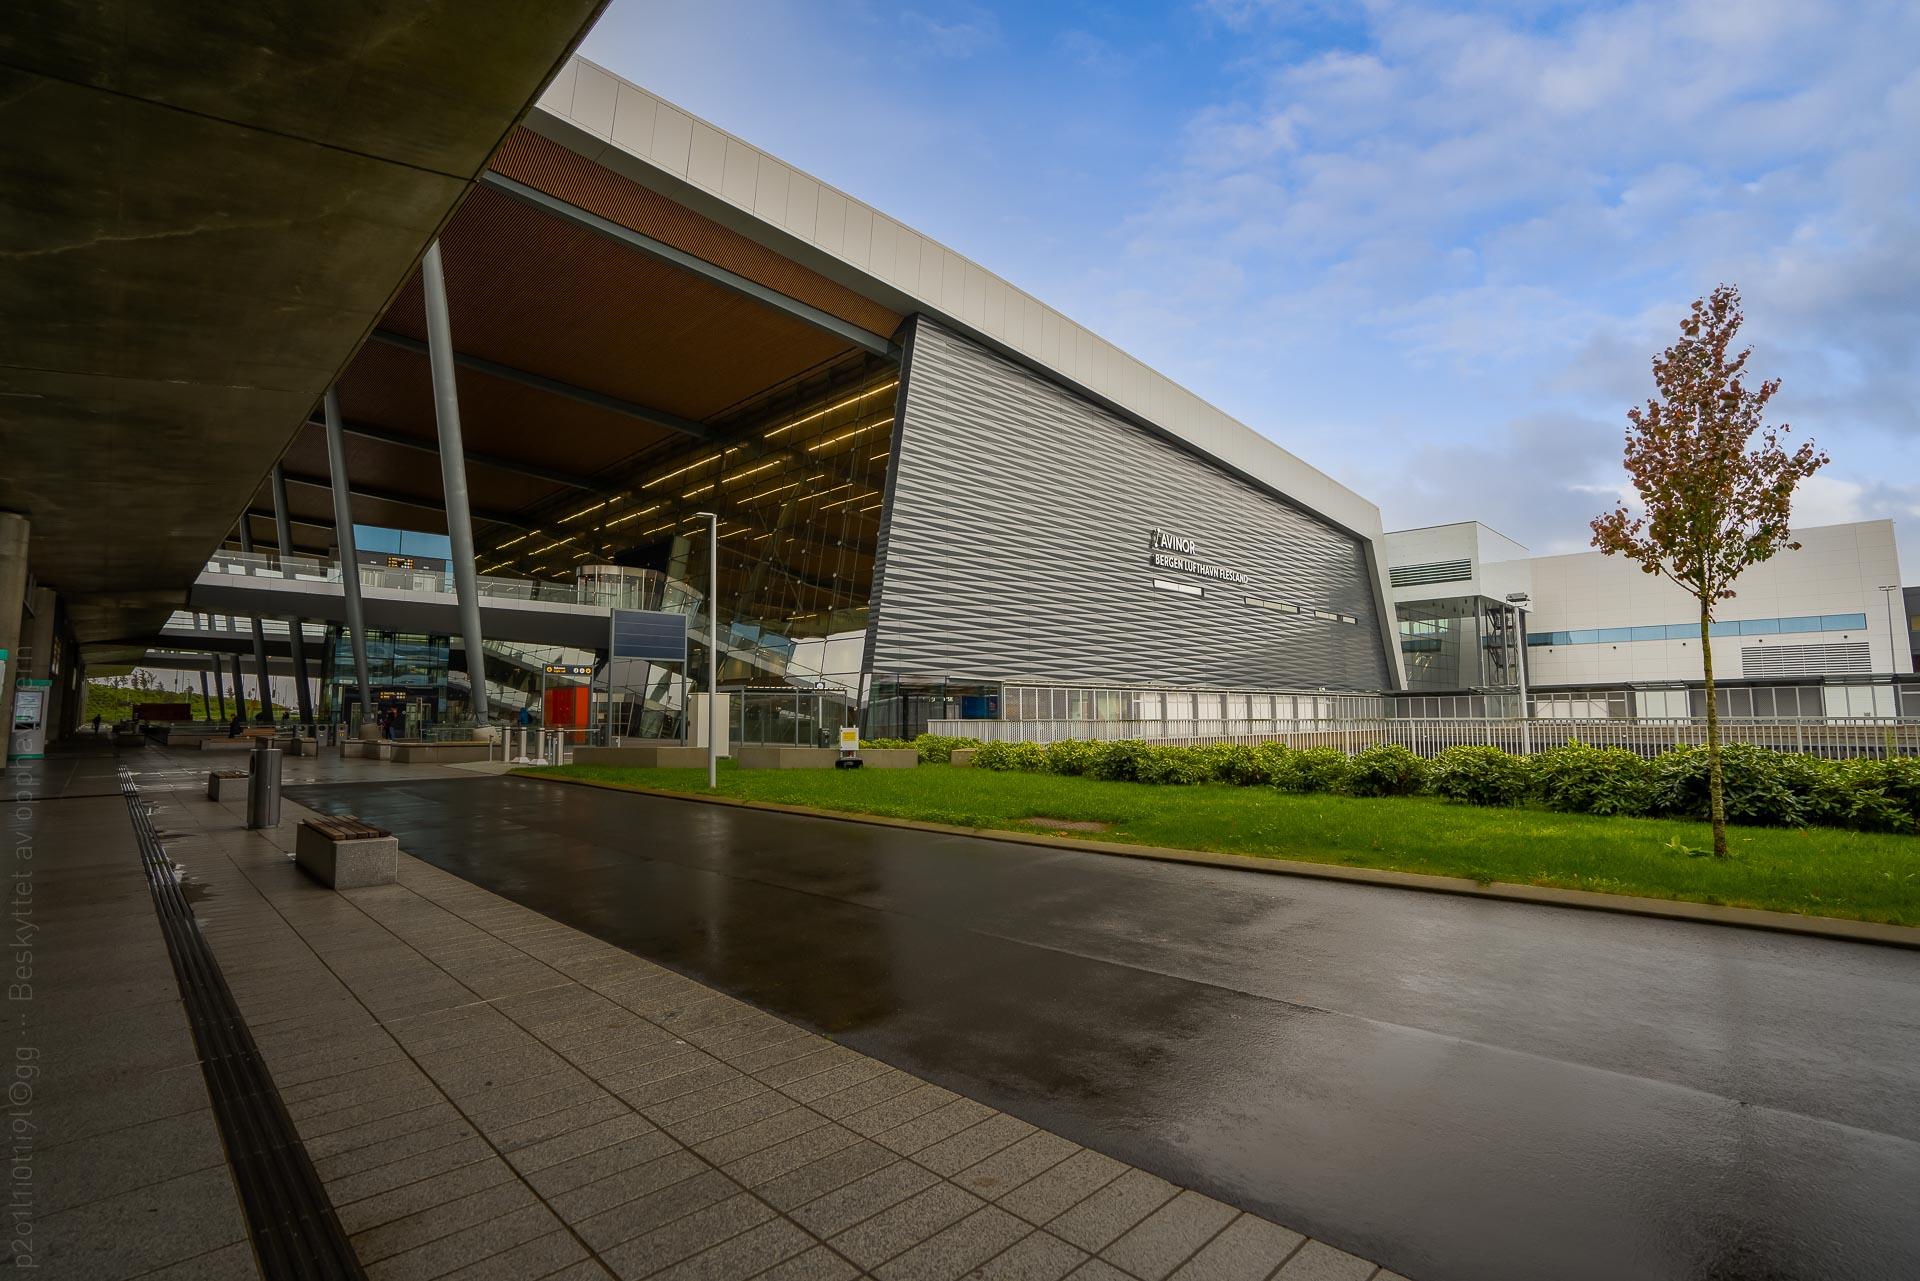 Bergen lufthavn, Flesland